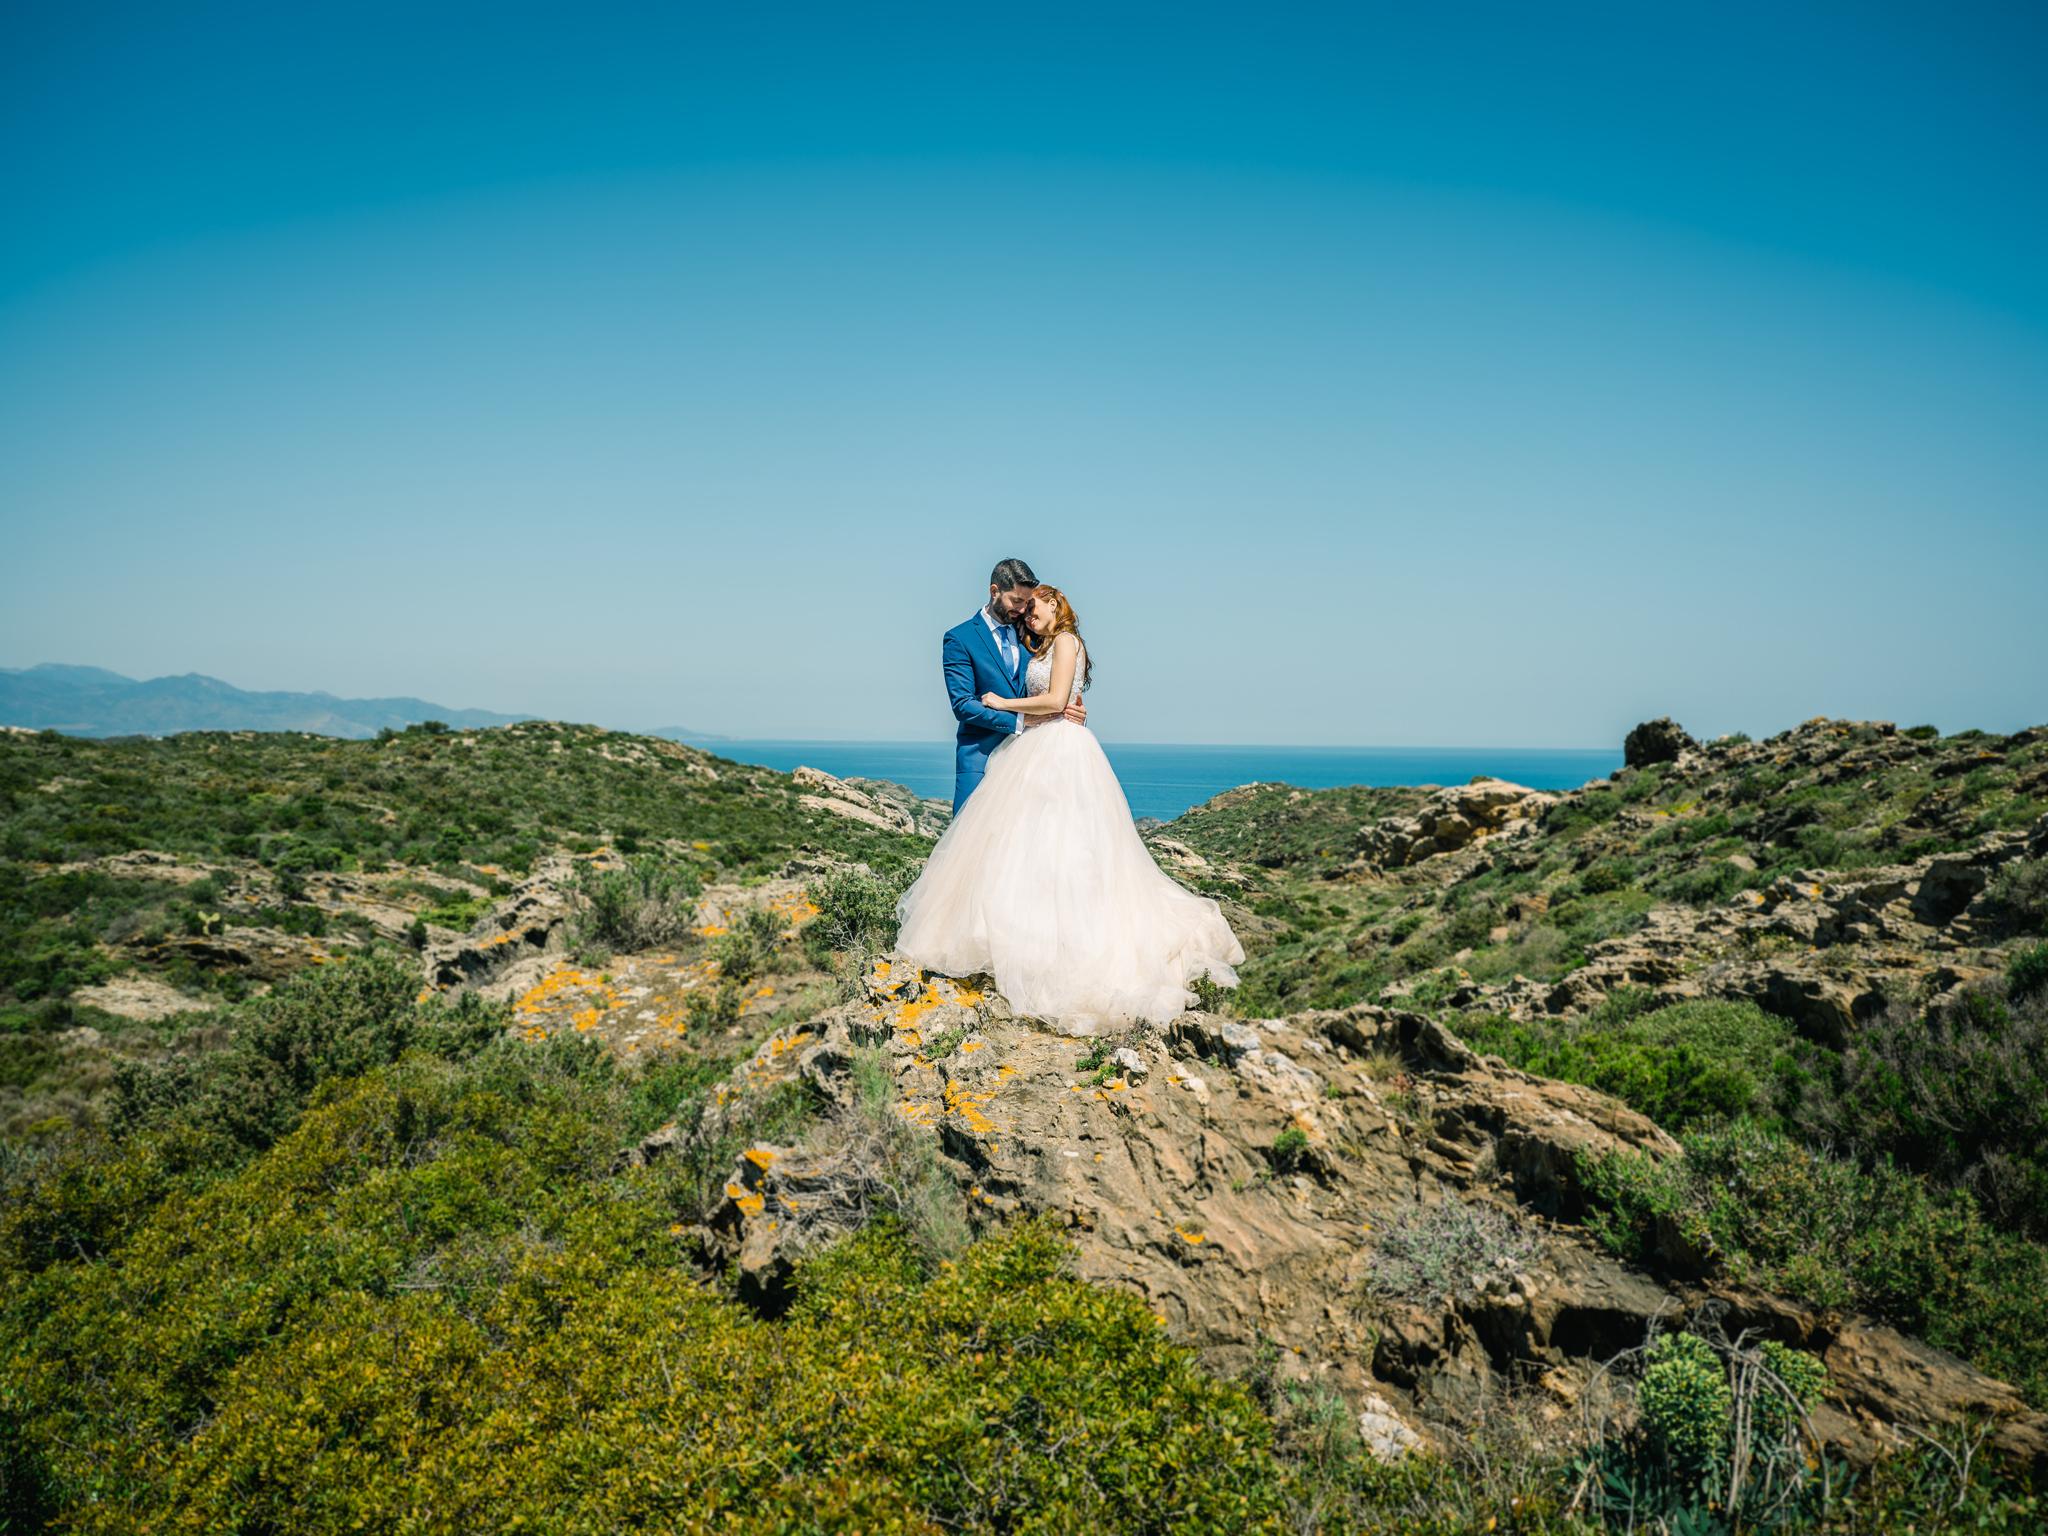 fotografia bodas cadaques06.jpg